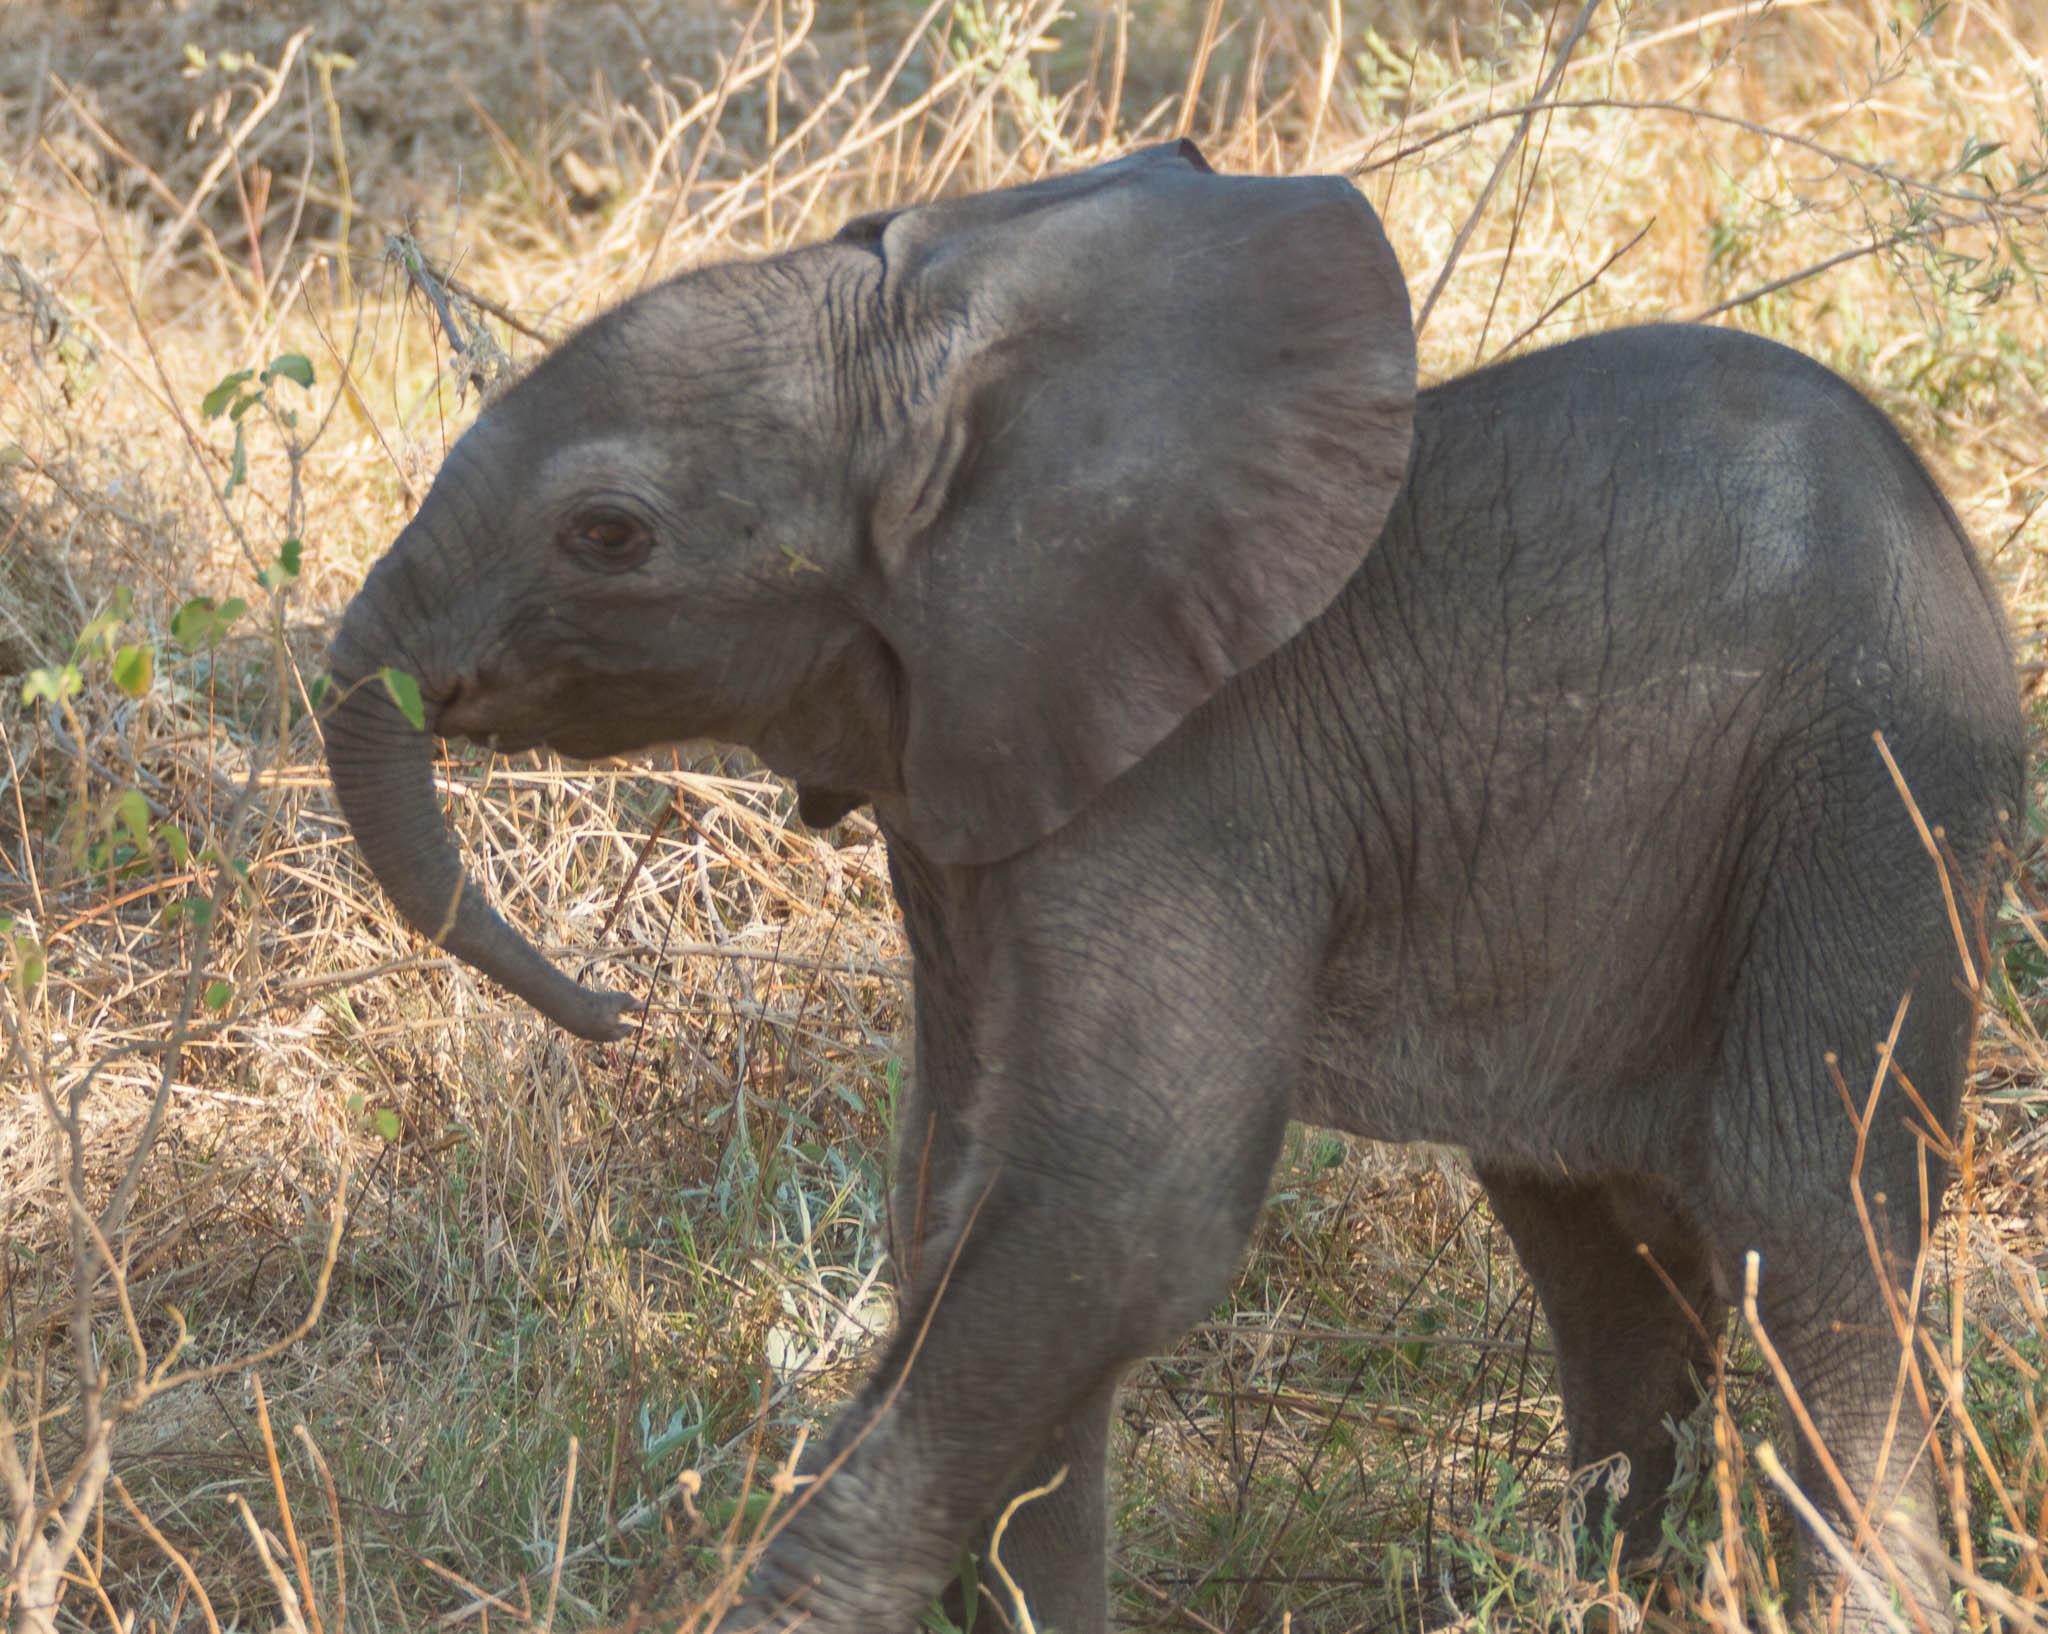 Elephant baby Botswana safari